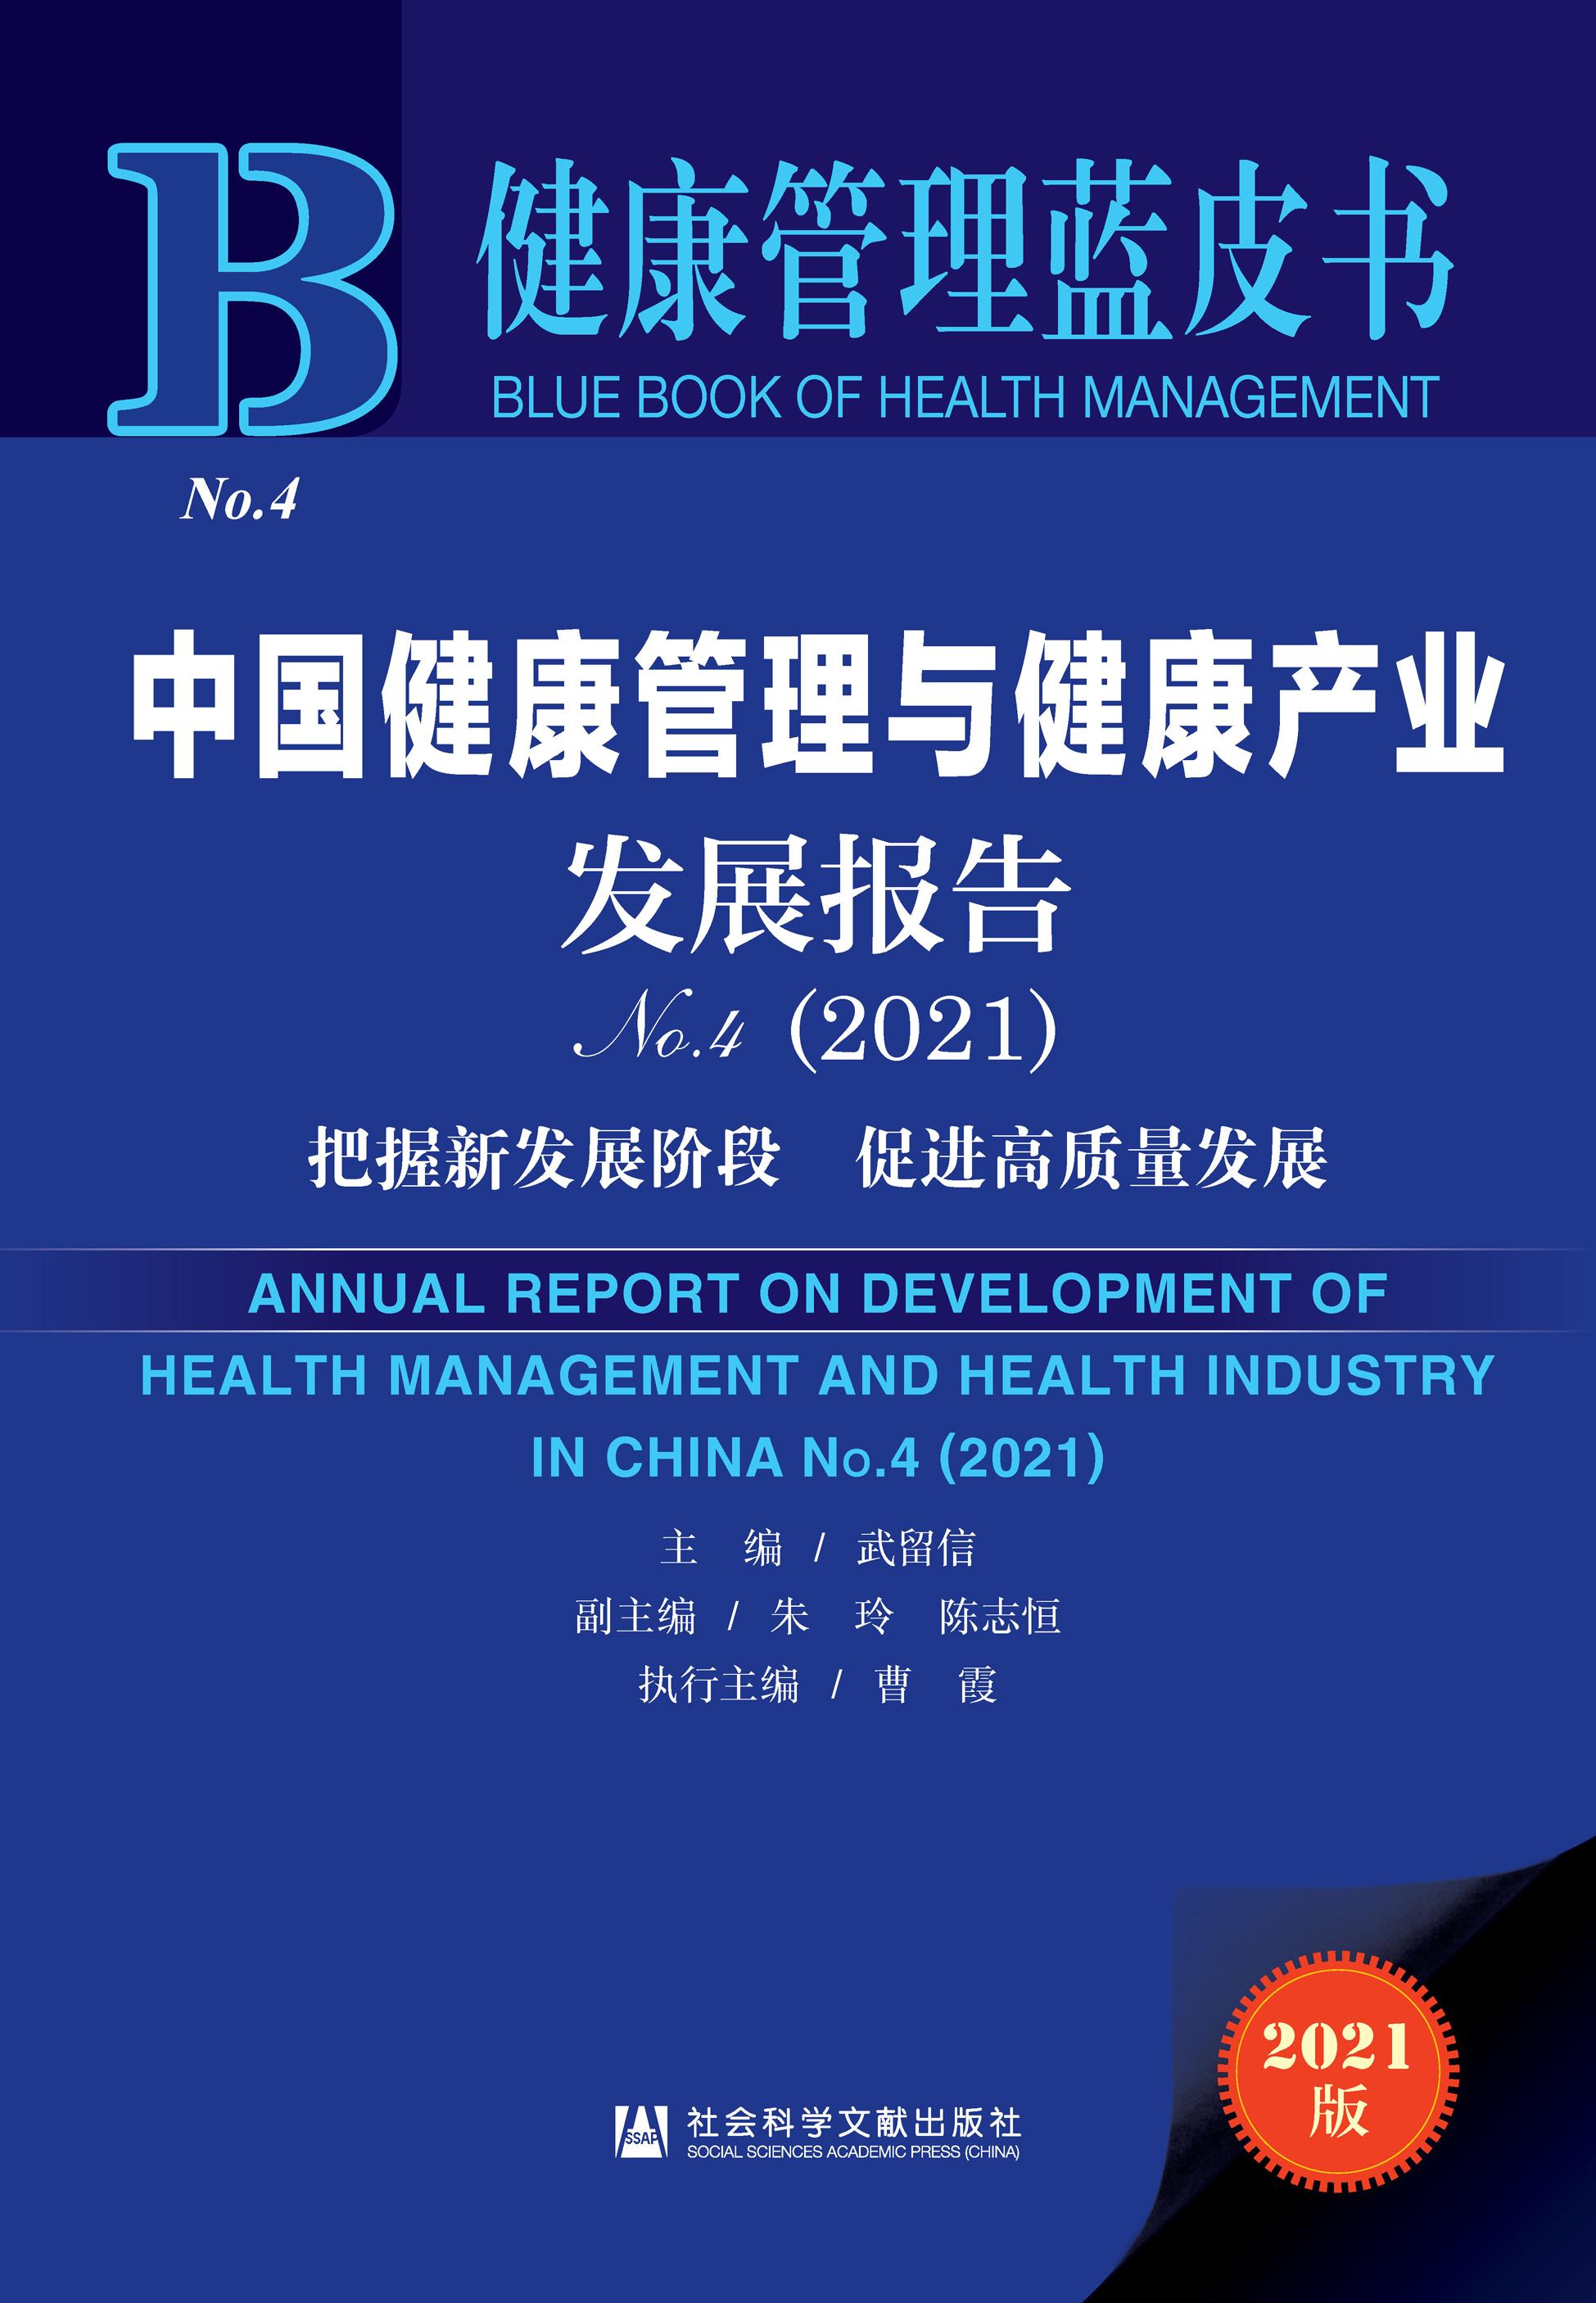 中国健康管理与健康产业发展报告No.4(2021)